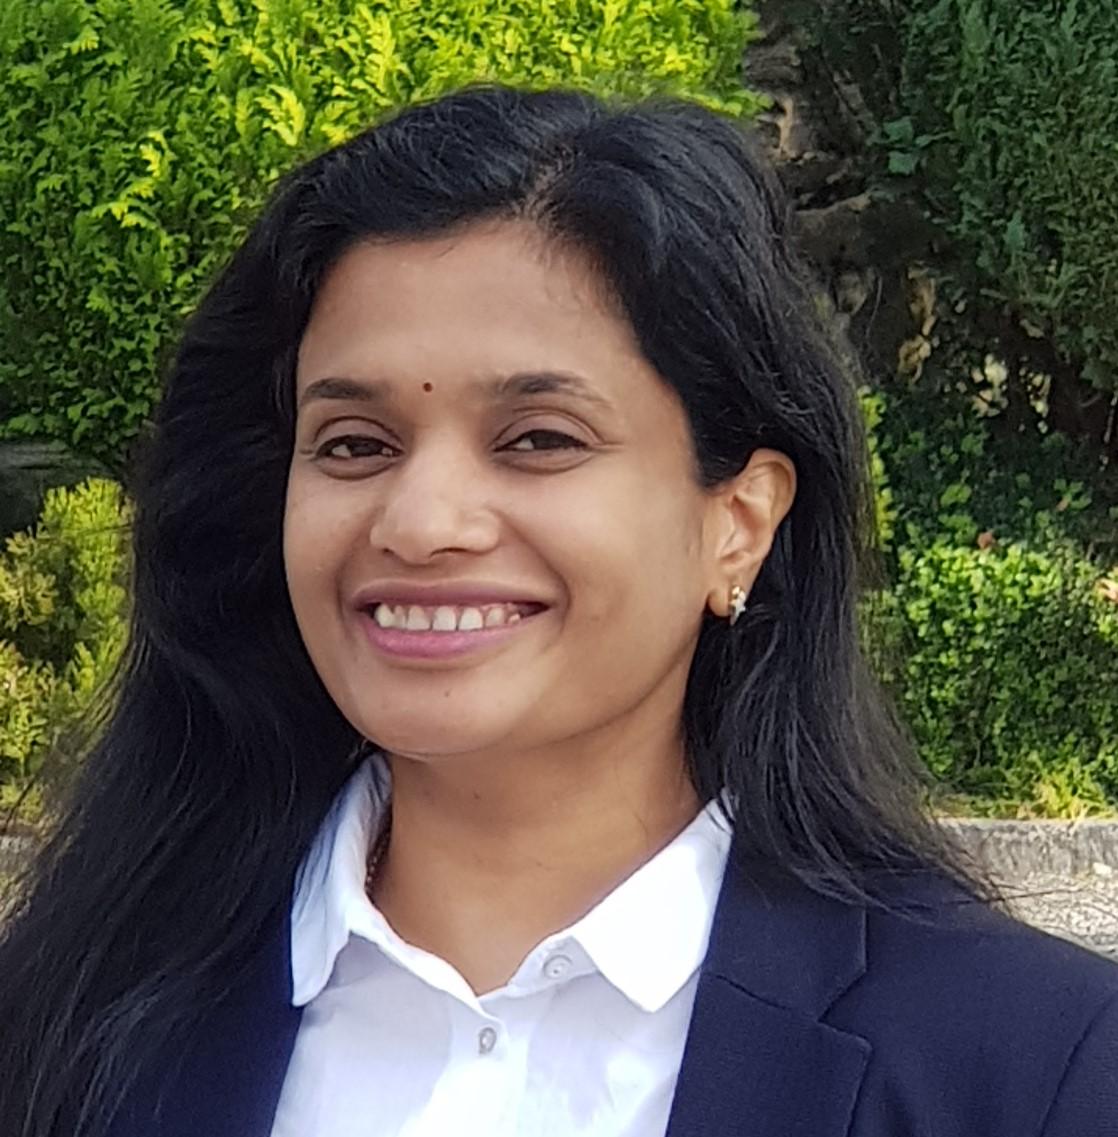 Dr. Pramela Nair Panthallor